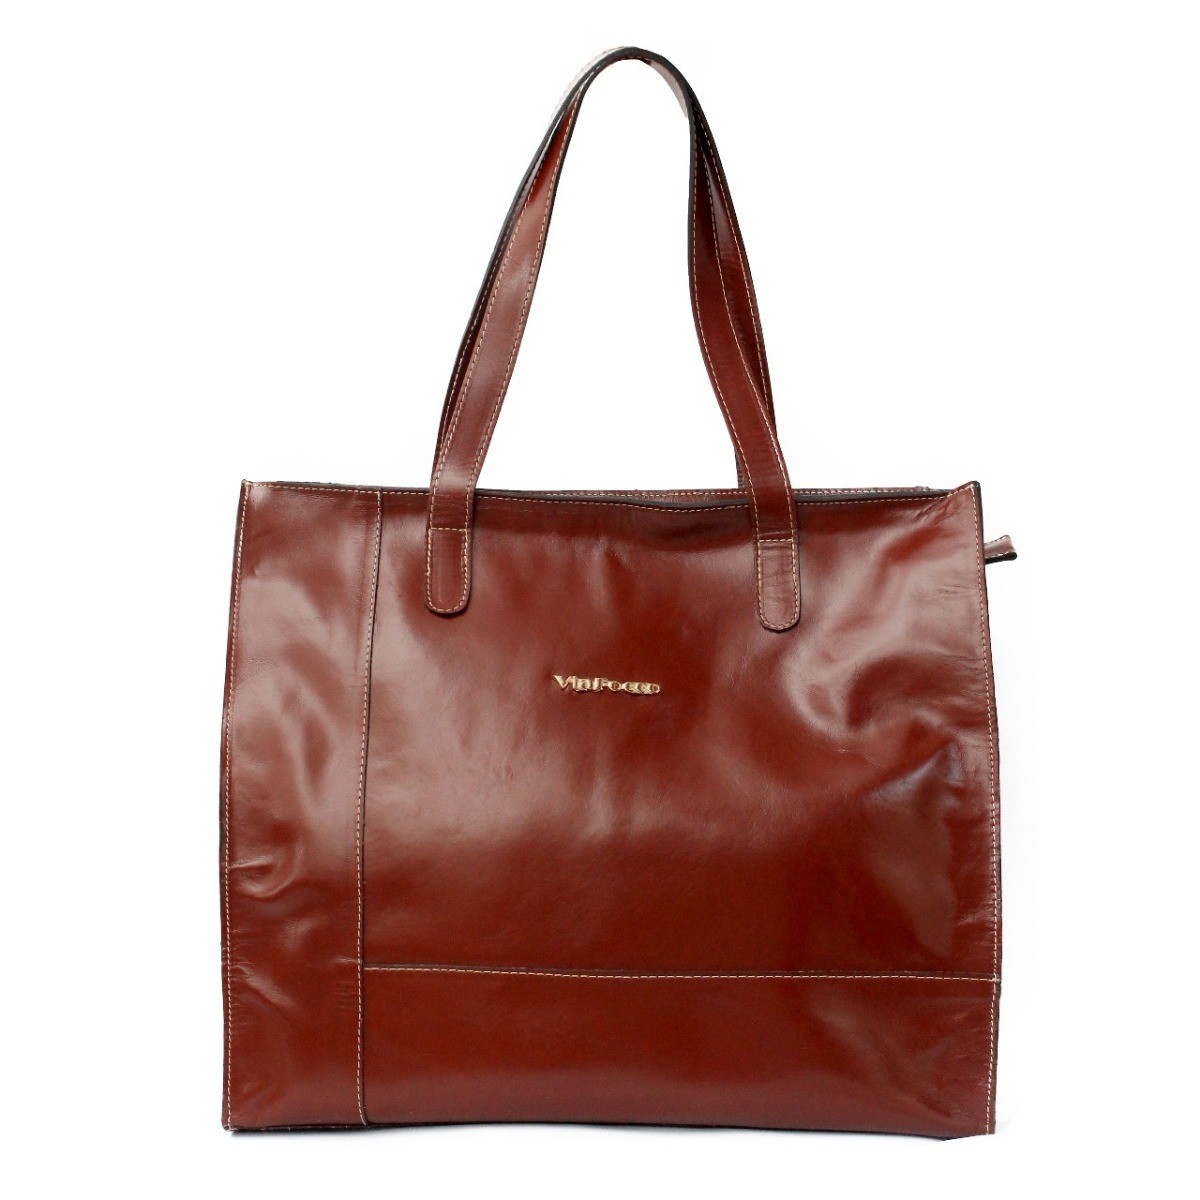 eee1563ba Bolsa Feminina Grande De Couro Legítimo Modelo Sacola - R$ 201,90 em ...